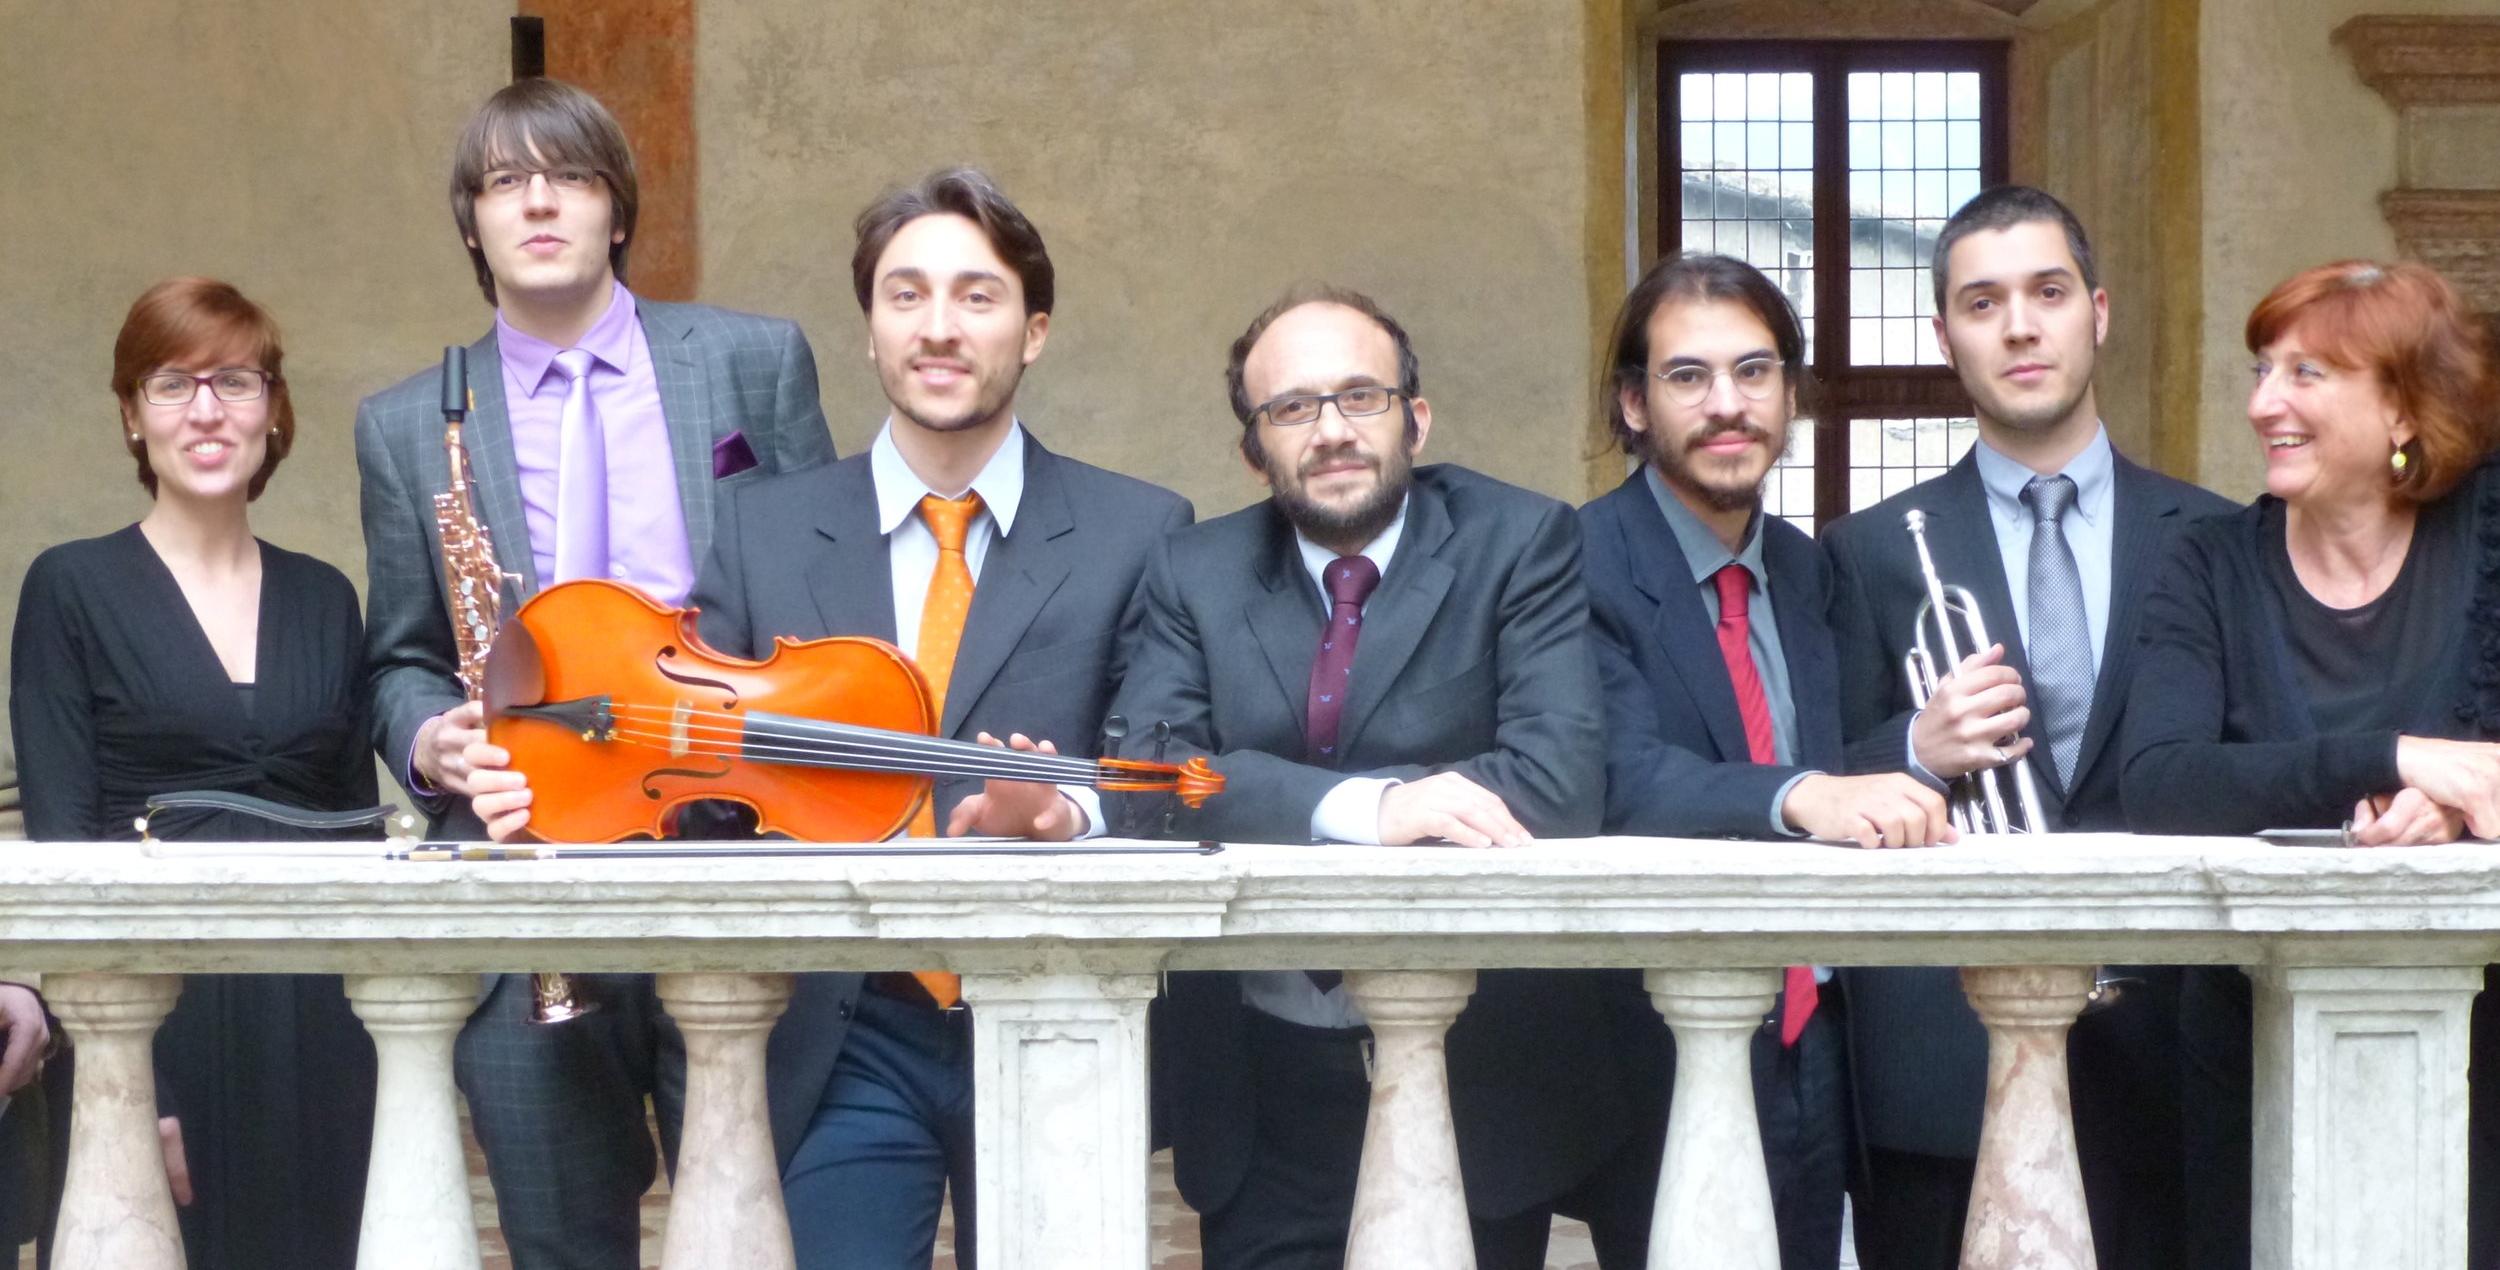 Image courtesy of  MotoContrario Ensemble